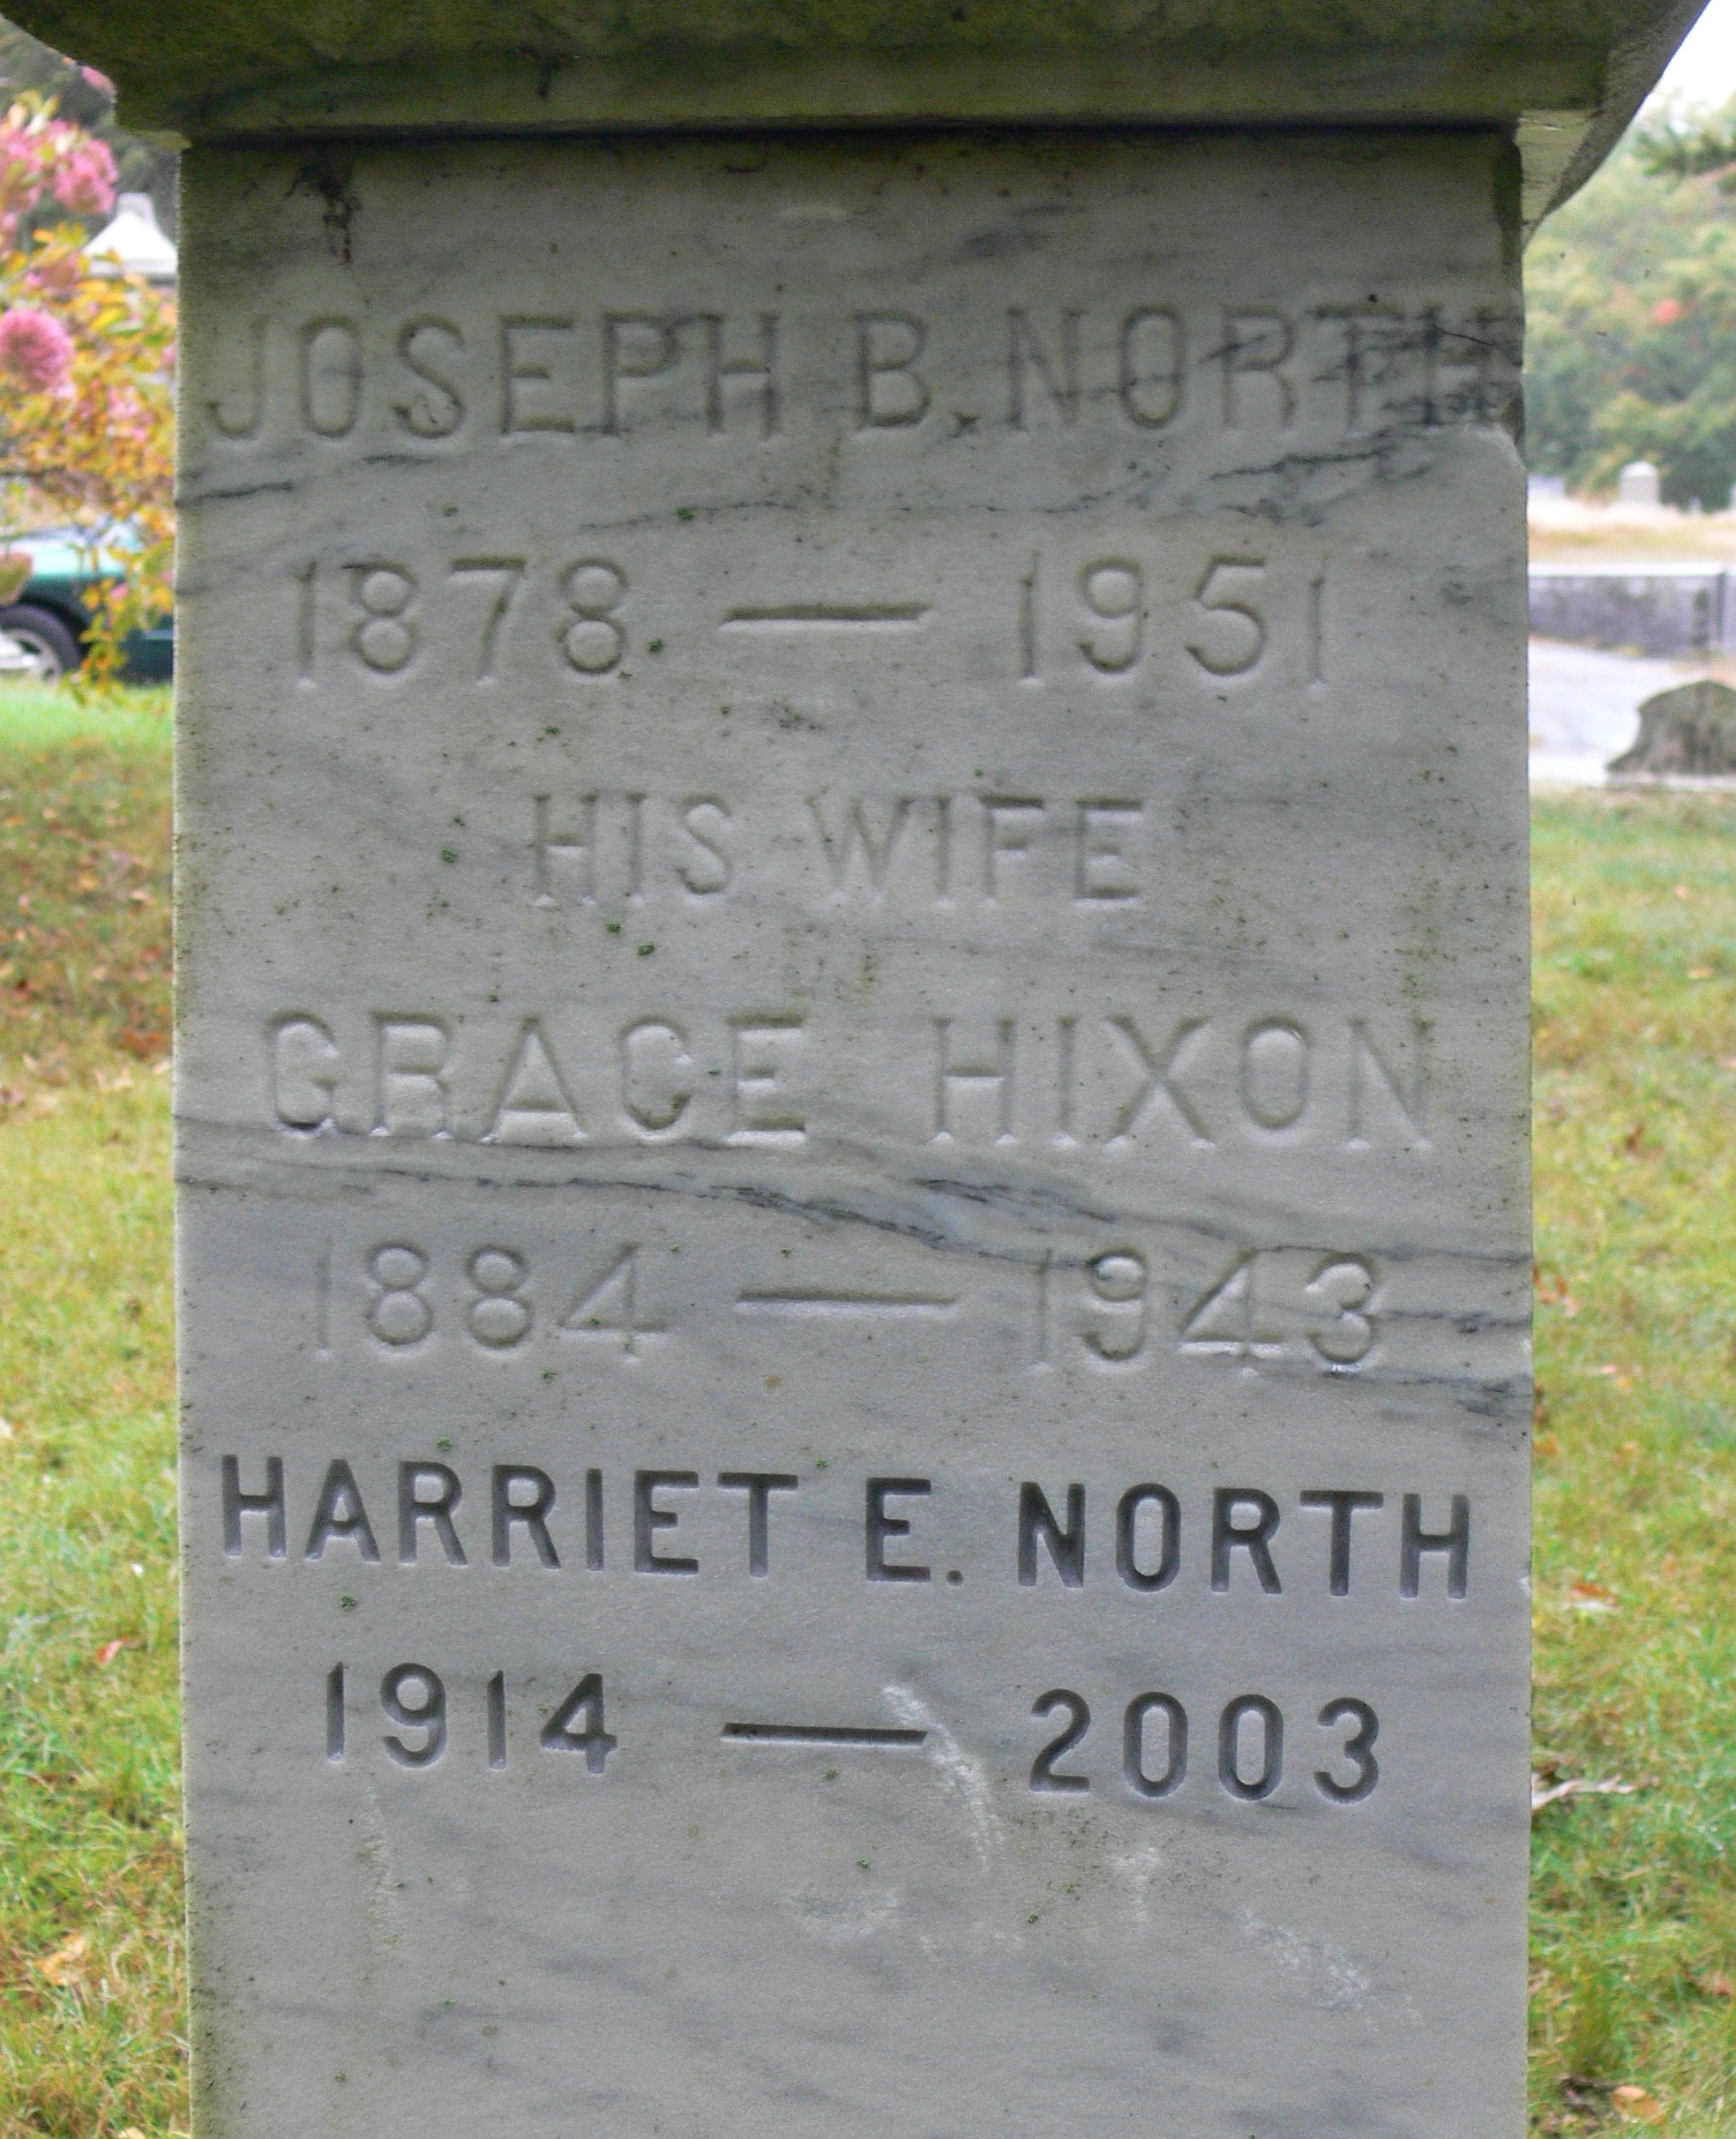 Grace <i>Hixon</i> North